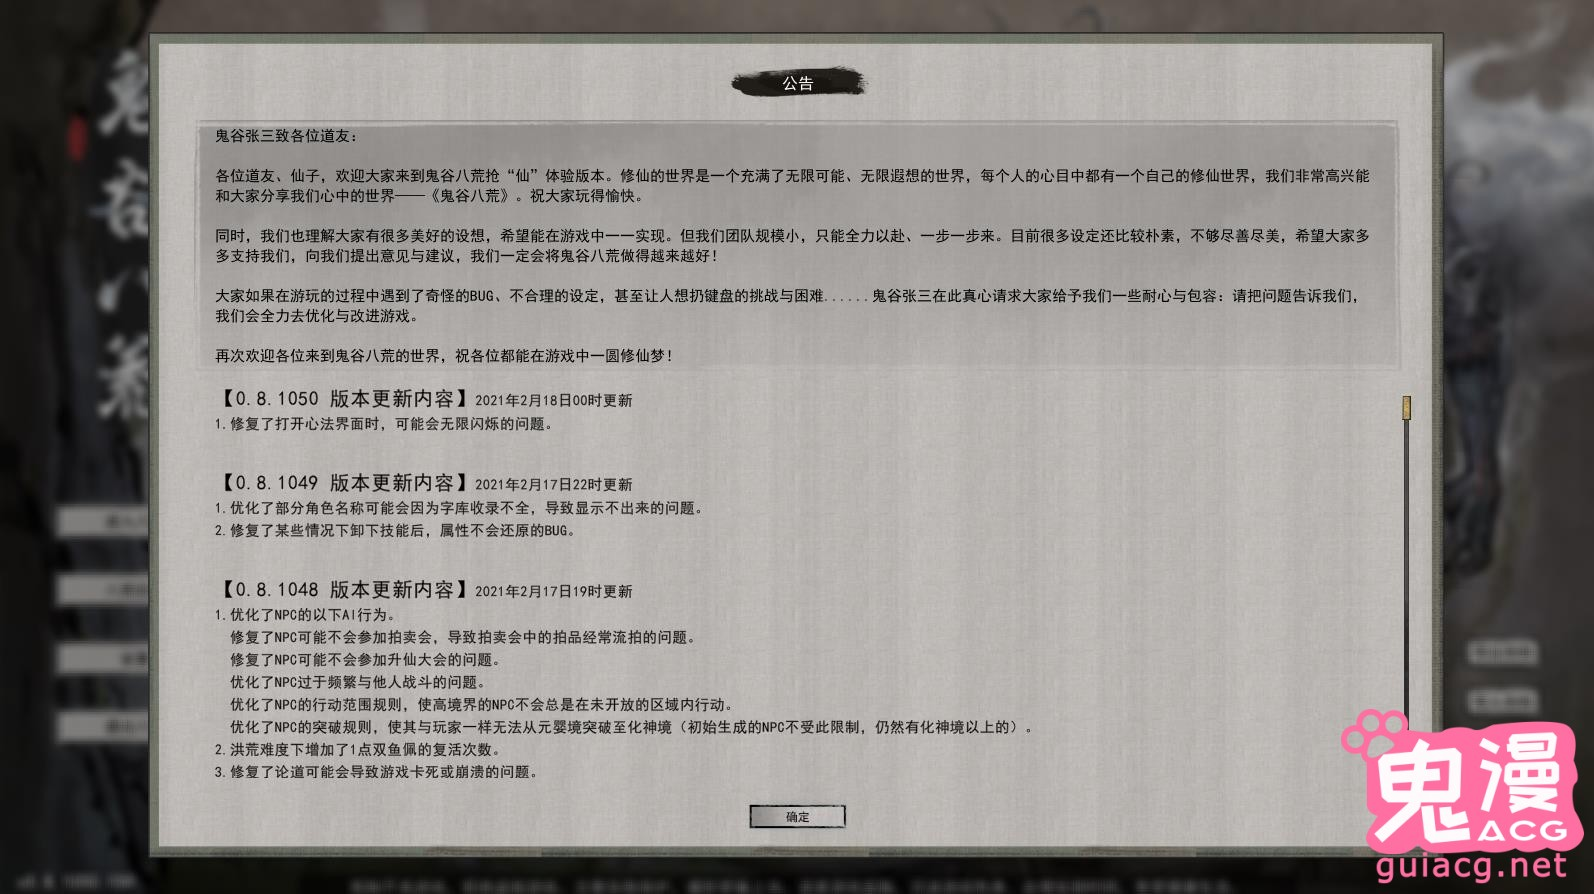 【高质量RPG/国产之光】鬼谷八荒-V0.8.1050 官方中文''学习版